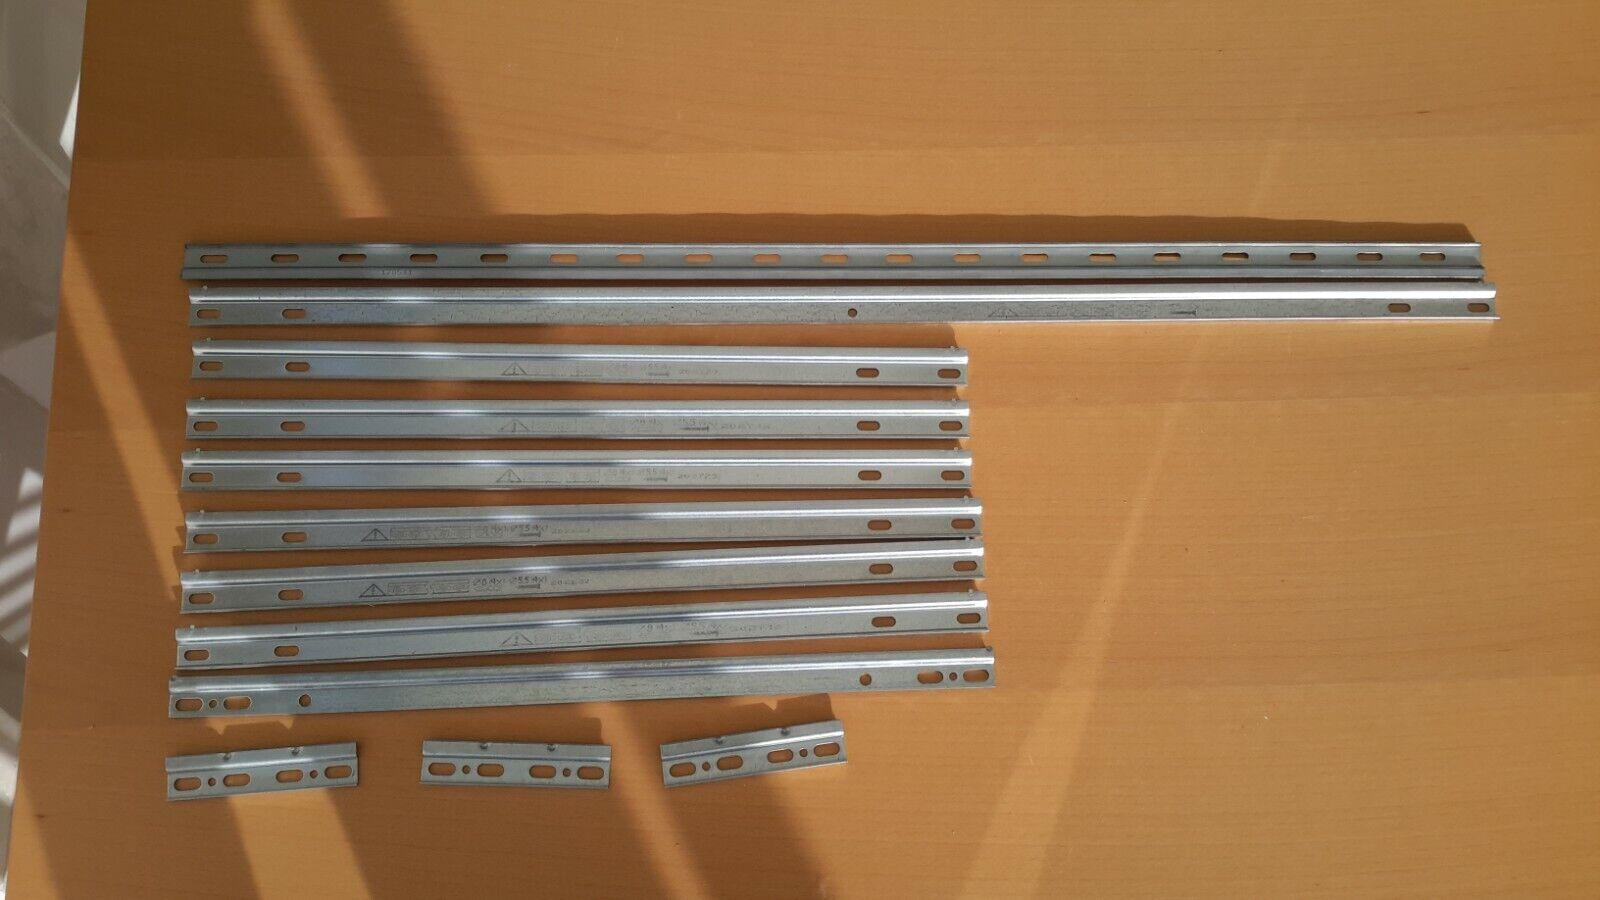 Aufhängeschiene, Schiene für Hängeschränke, verschiedene längen.  Neu